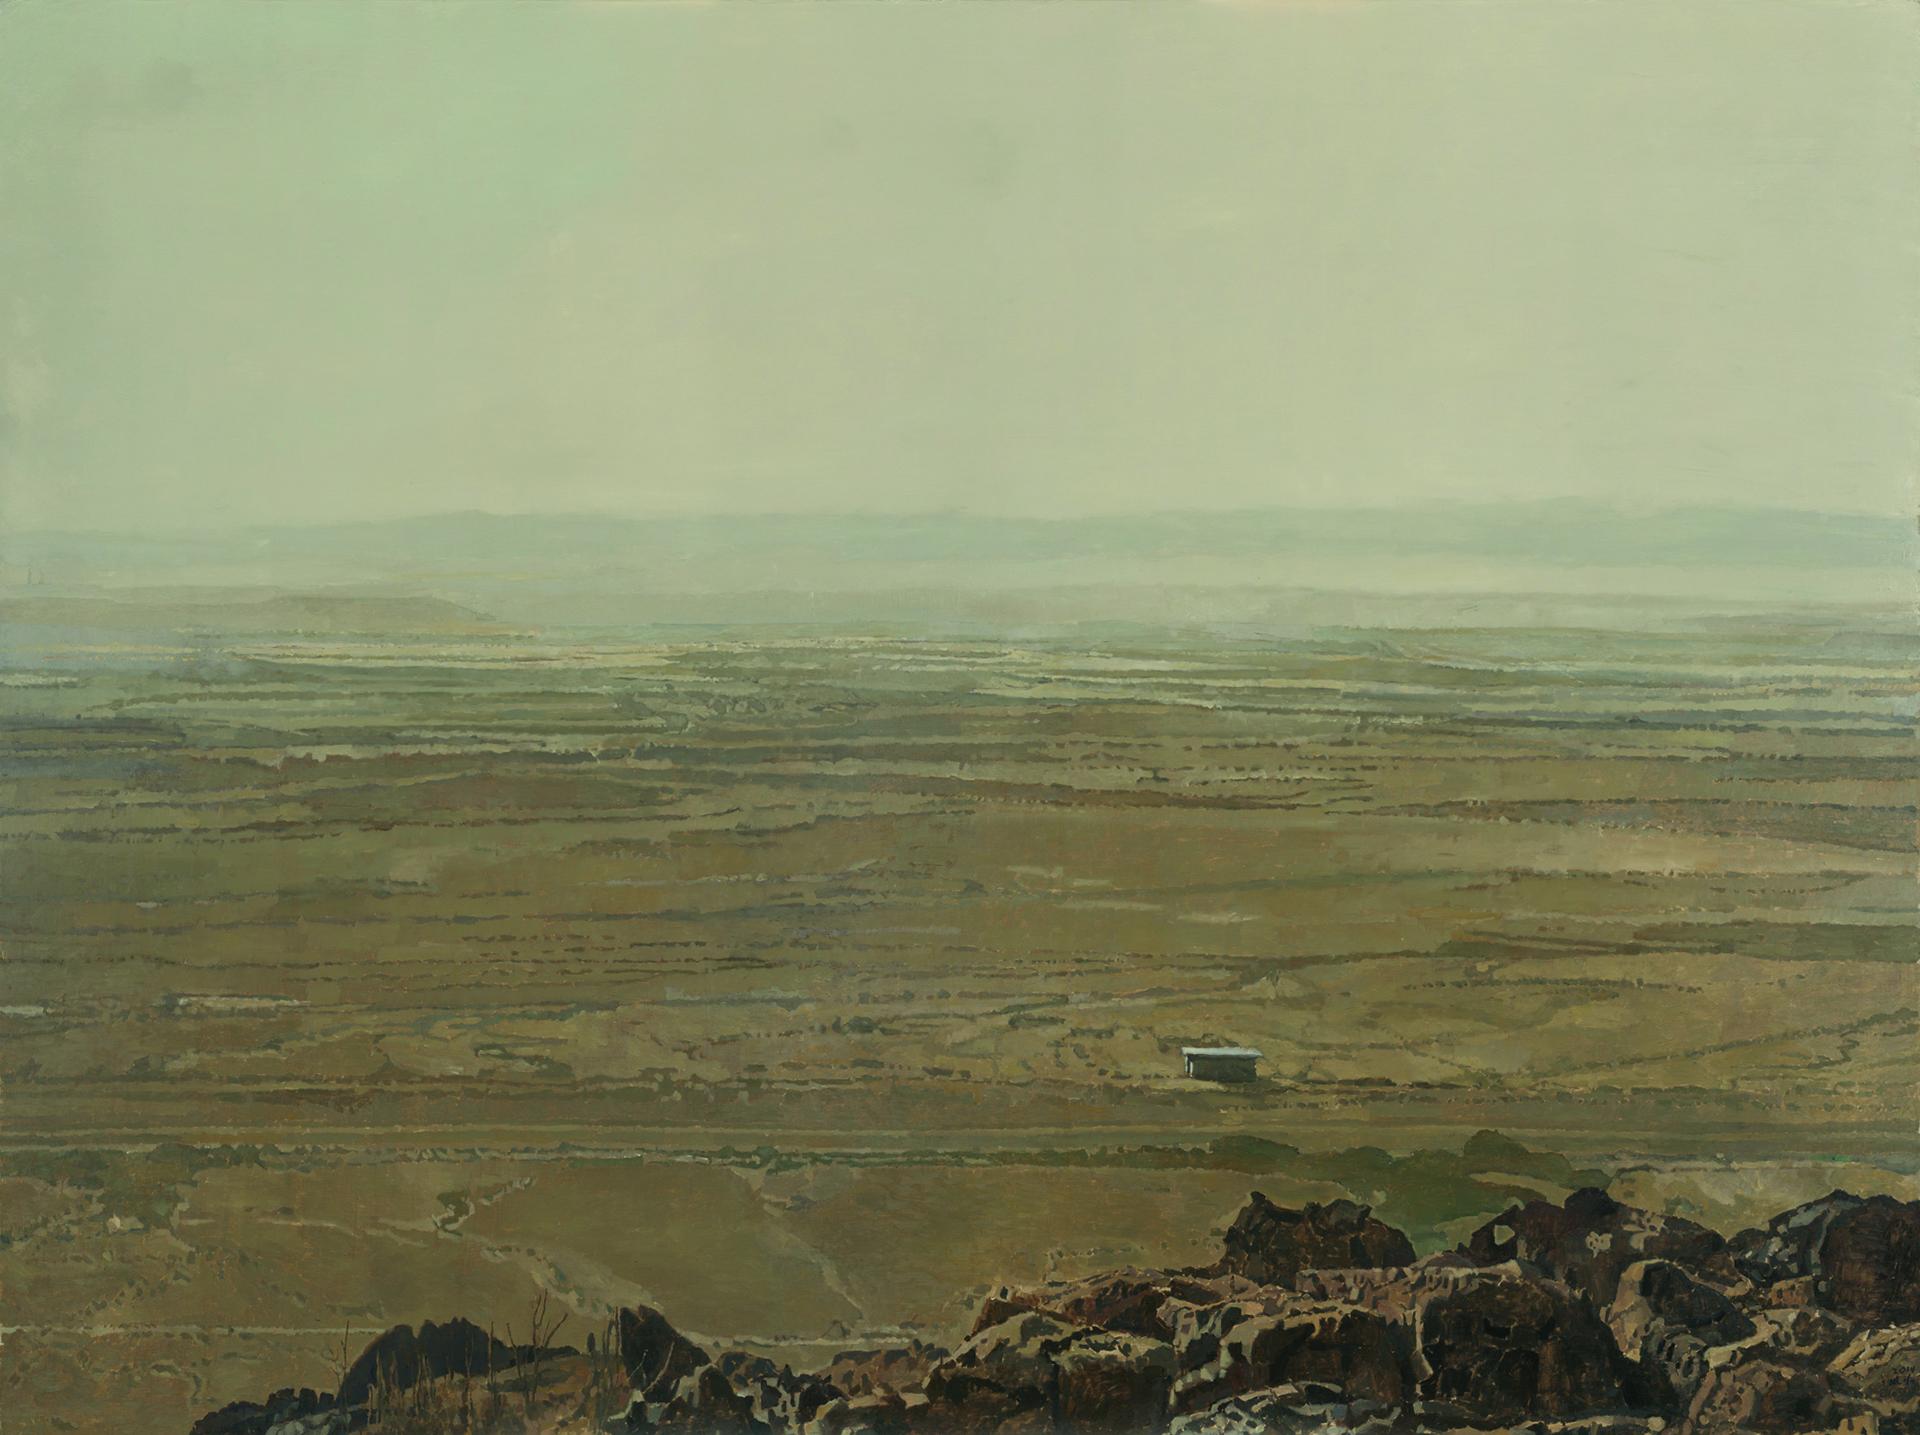 Egypt-2014-Oil-on-canvas-150×200-cm-2